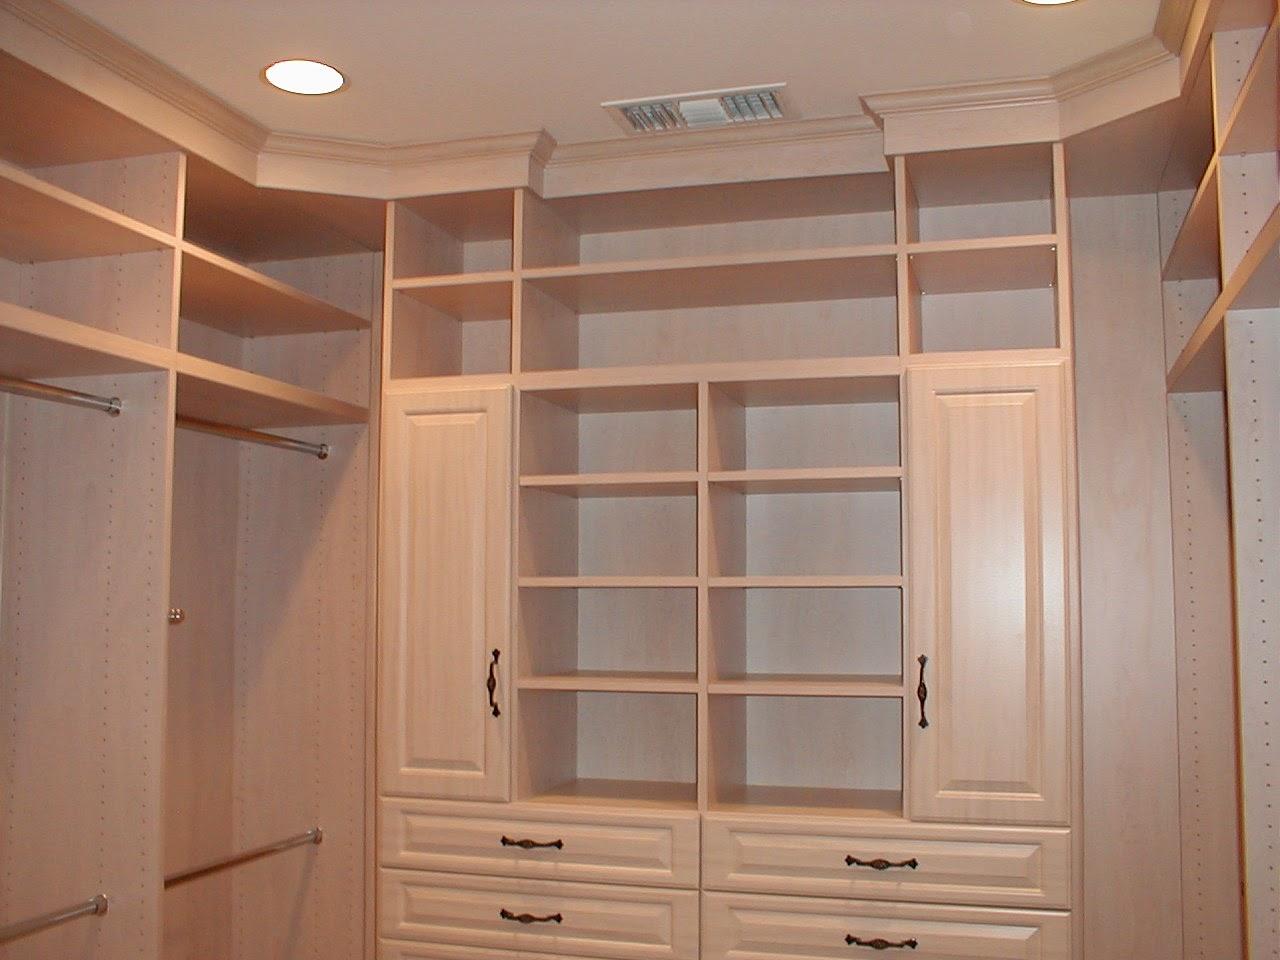 Catalogo de closets carpinteria ebanisteria robert for Catalogo de closets